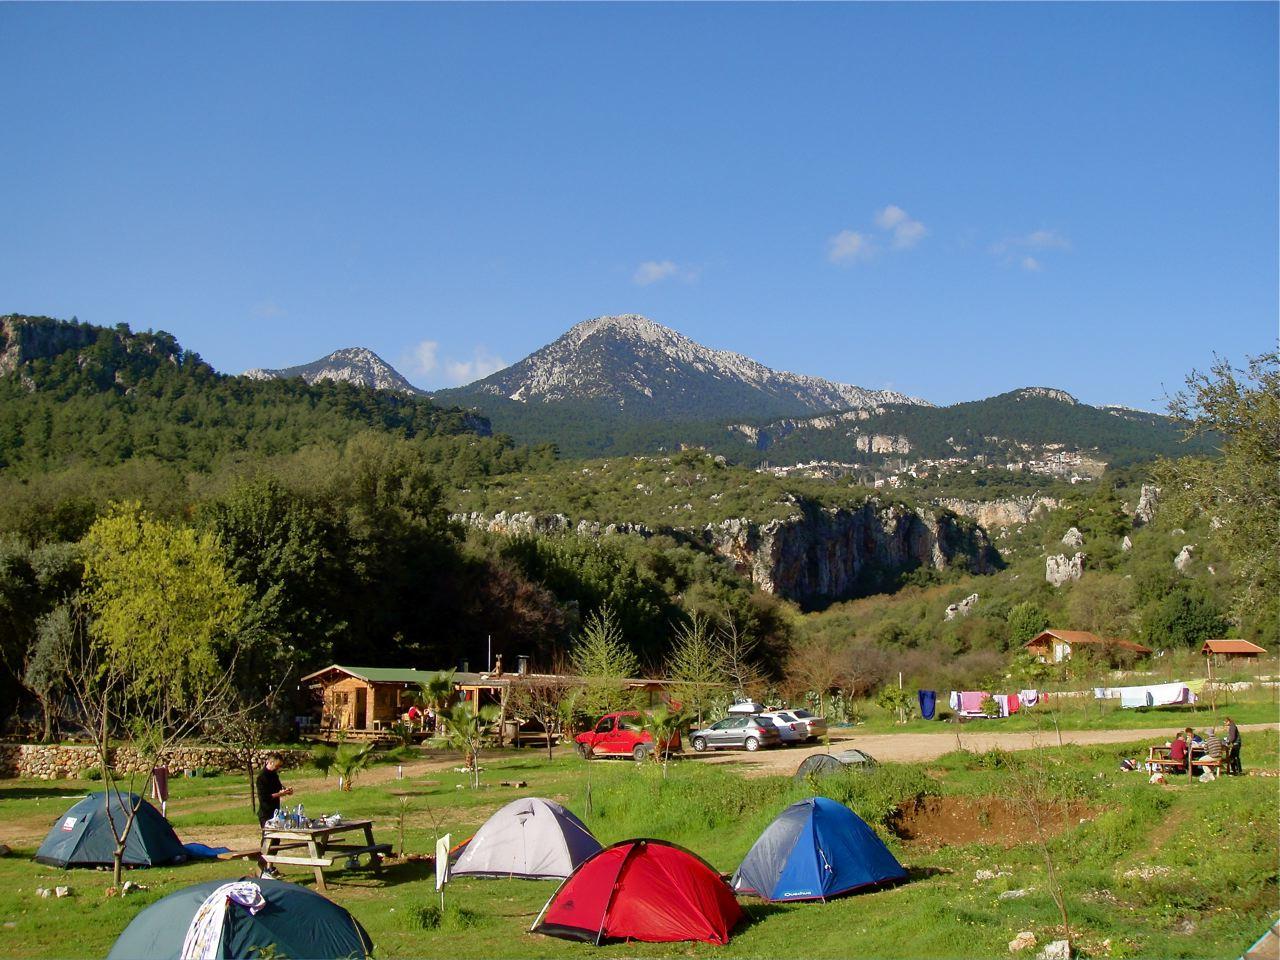 File:Antalya, Geyikbayiri, Camp JoSITo - panoramio - gertrudis2010.jpg -  Wikimedia Commons